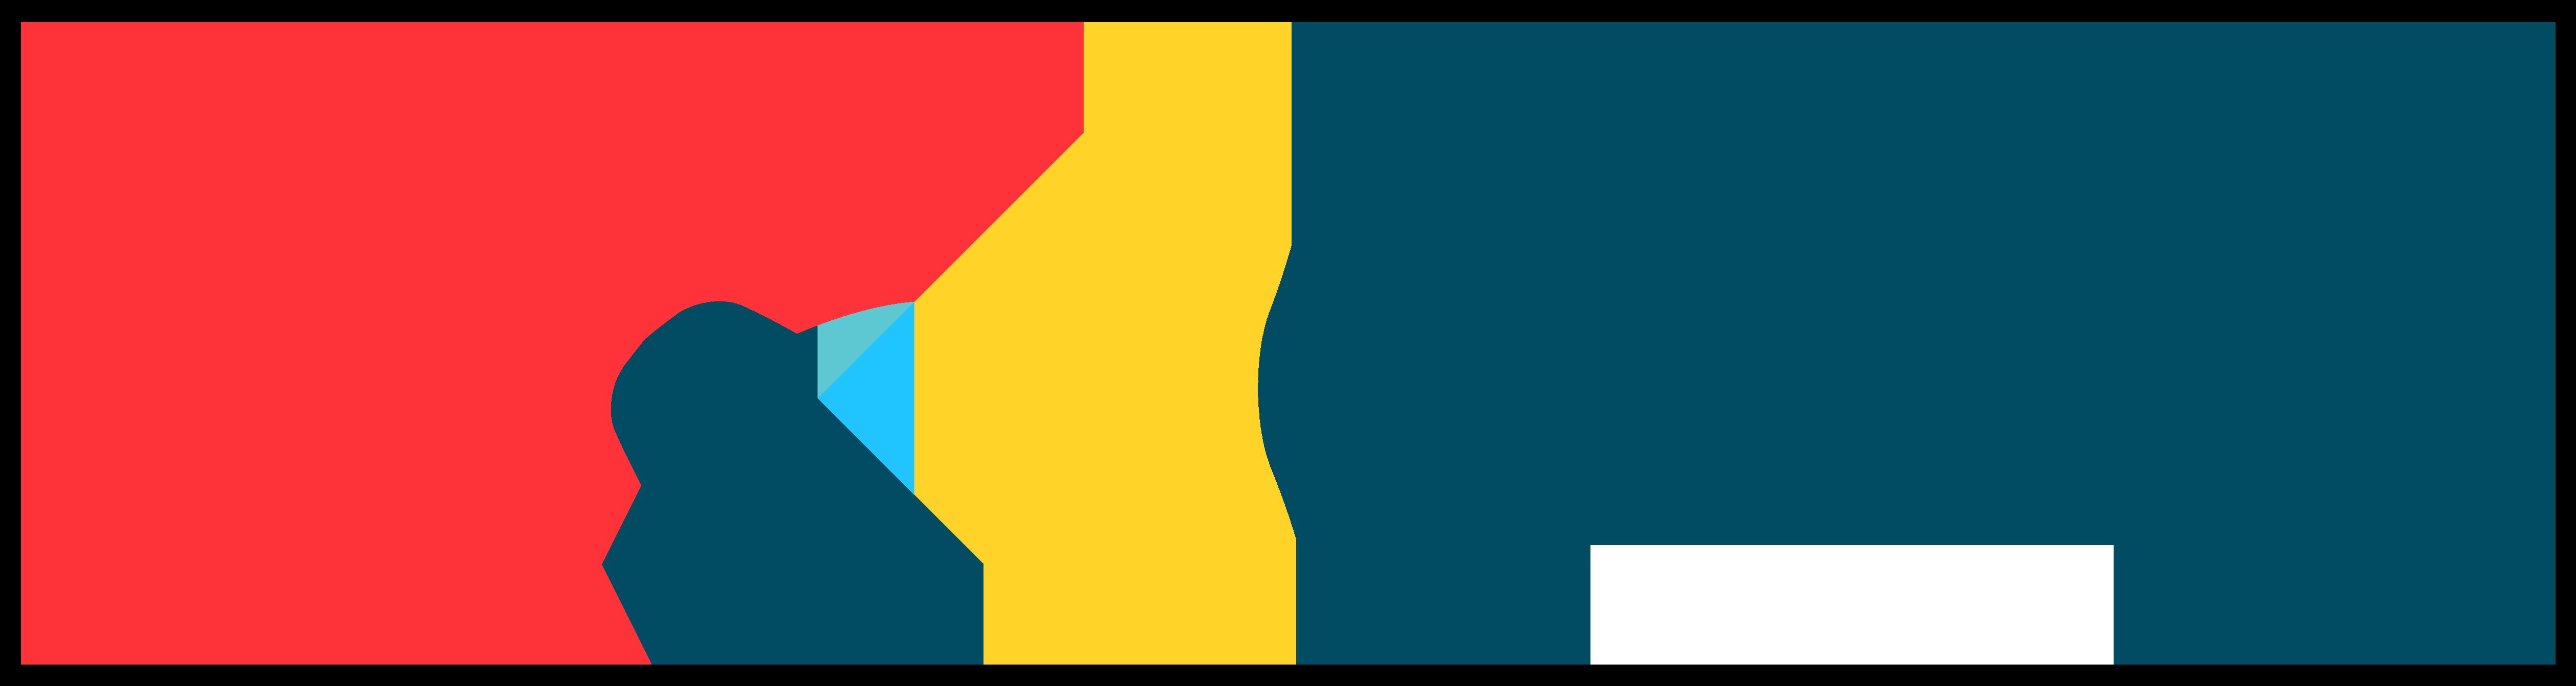 Aratag